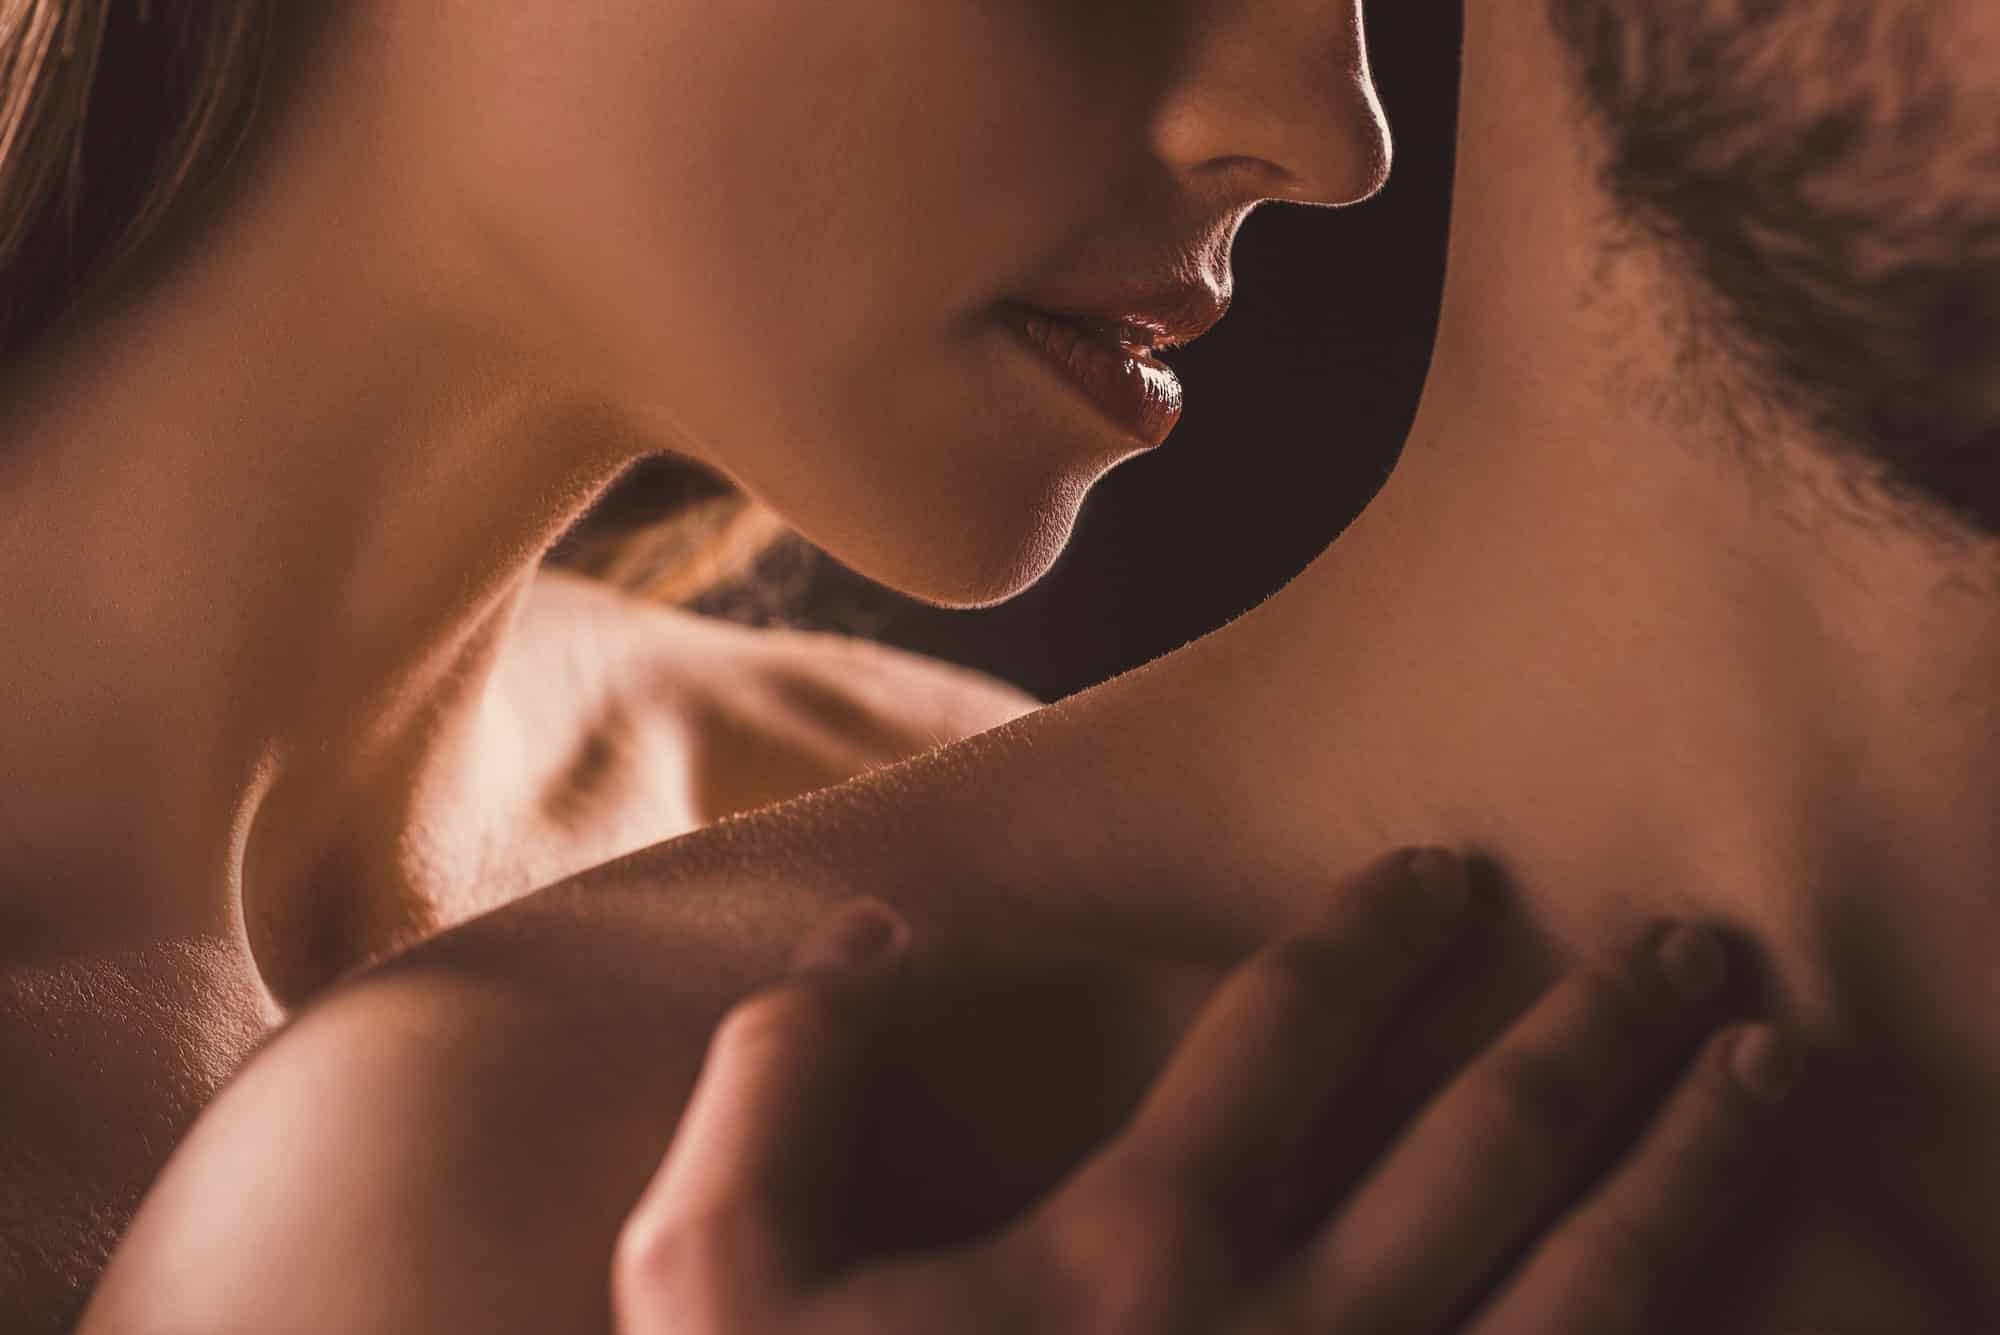 Que veut dire massage tantrique